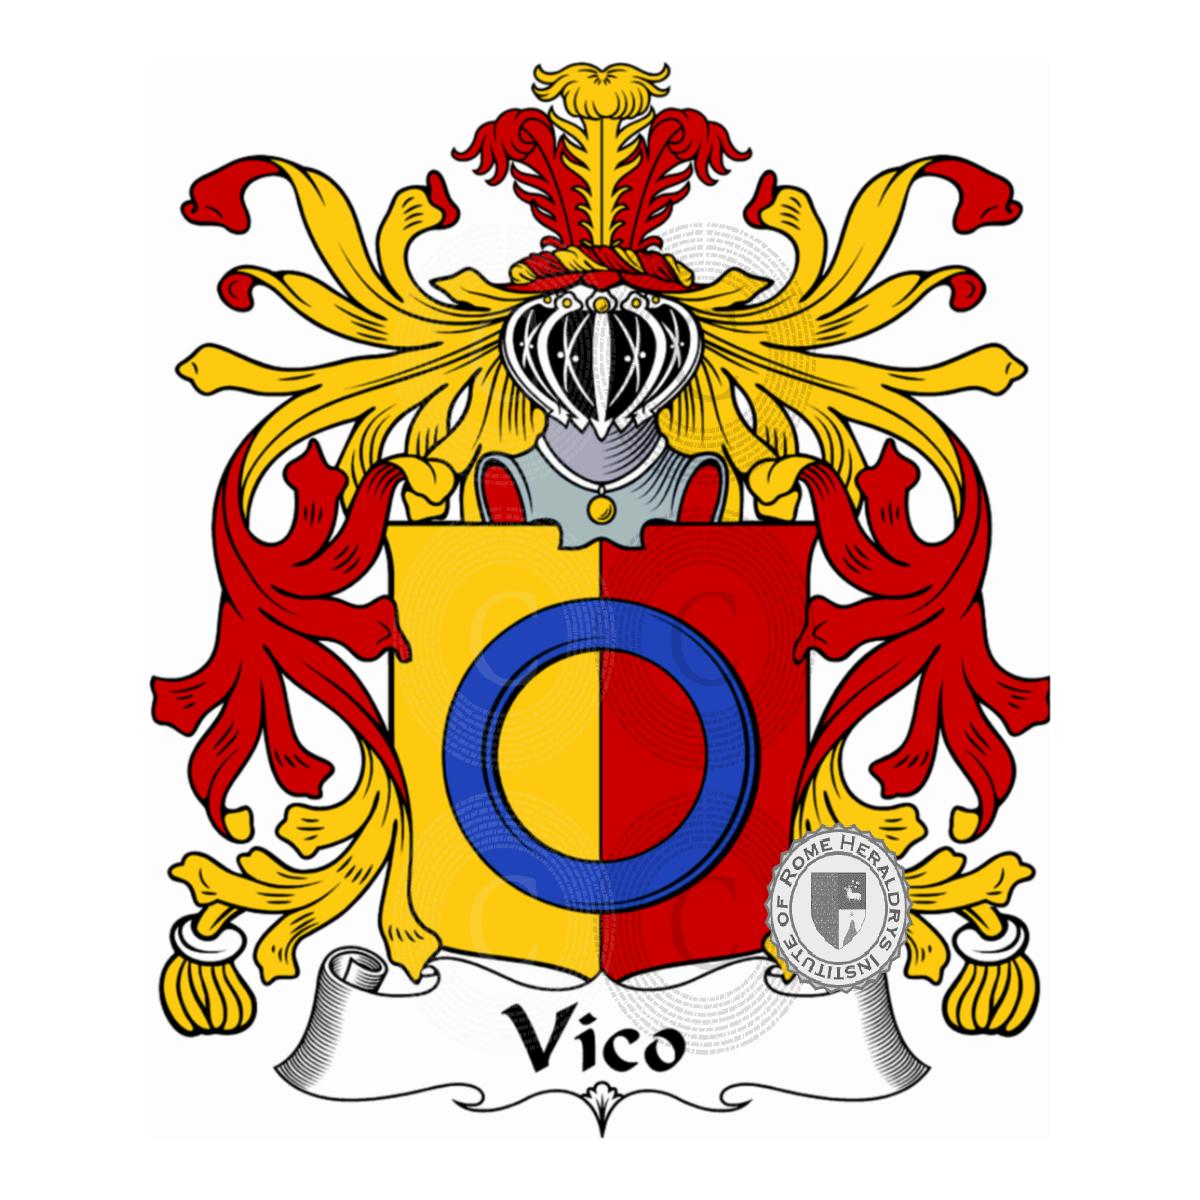 Notaio Pavia: Famiglia Vico Araldica, Genealogia, Stemma E Origine Del